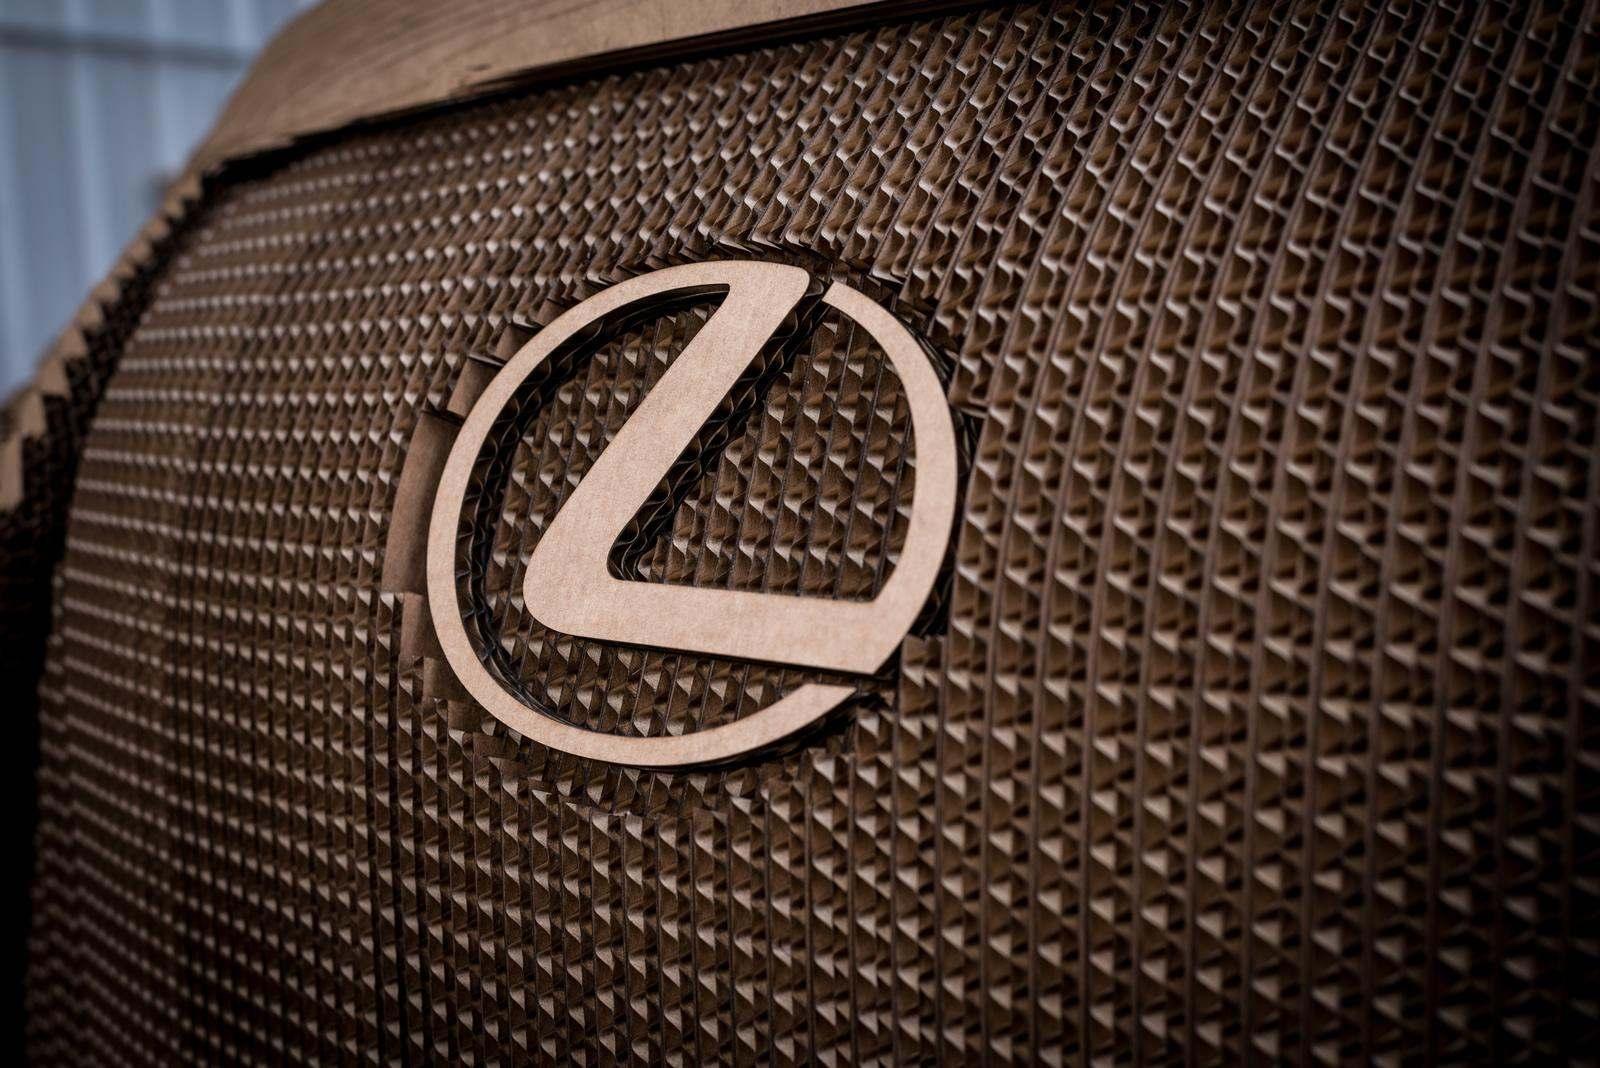 [Image: S0-Lexus-devoile-une-IS-roulante-en-carton-363710.jpg]